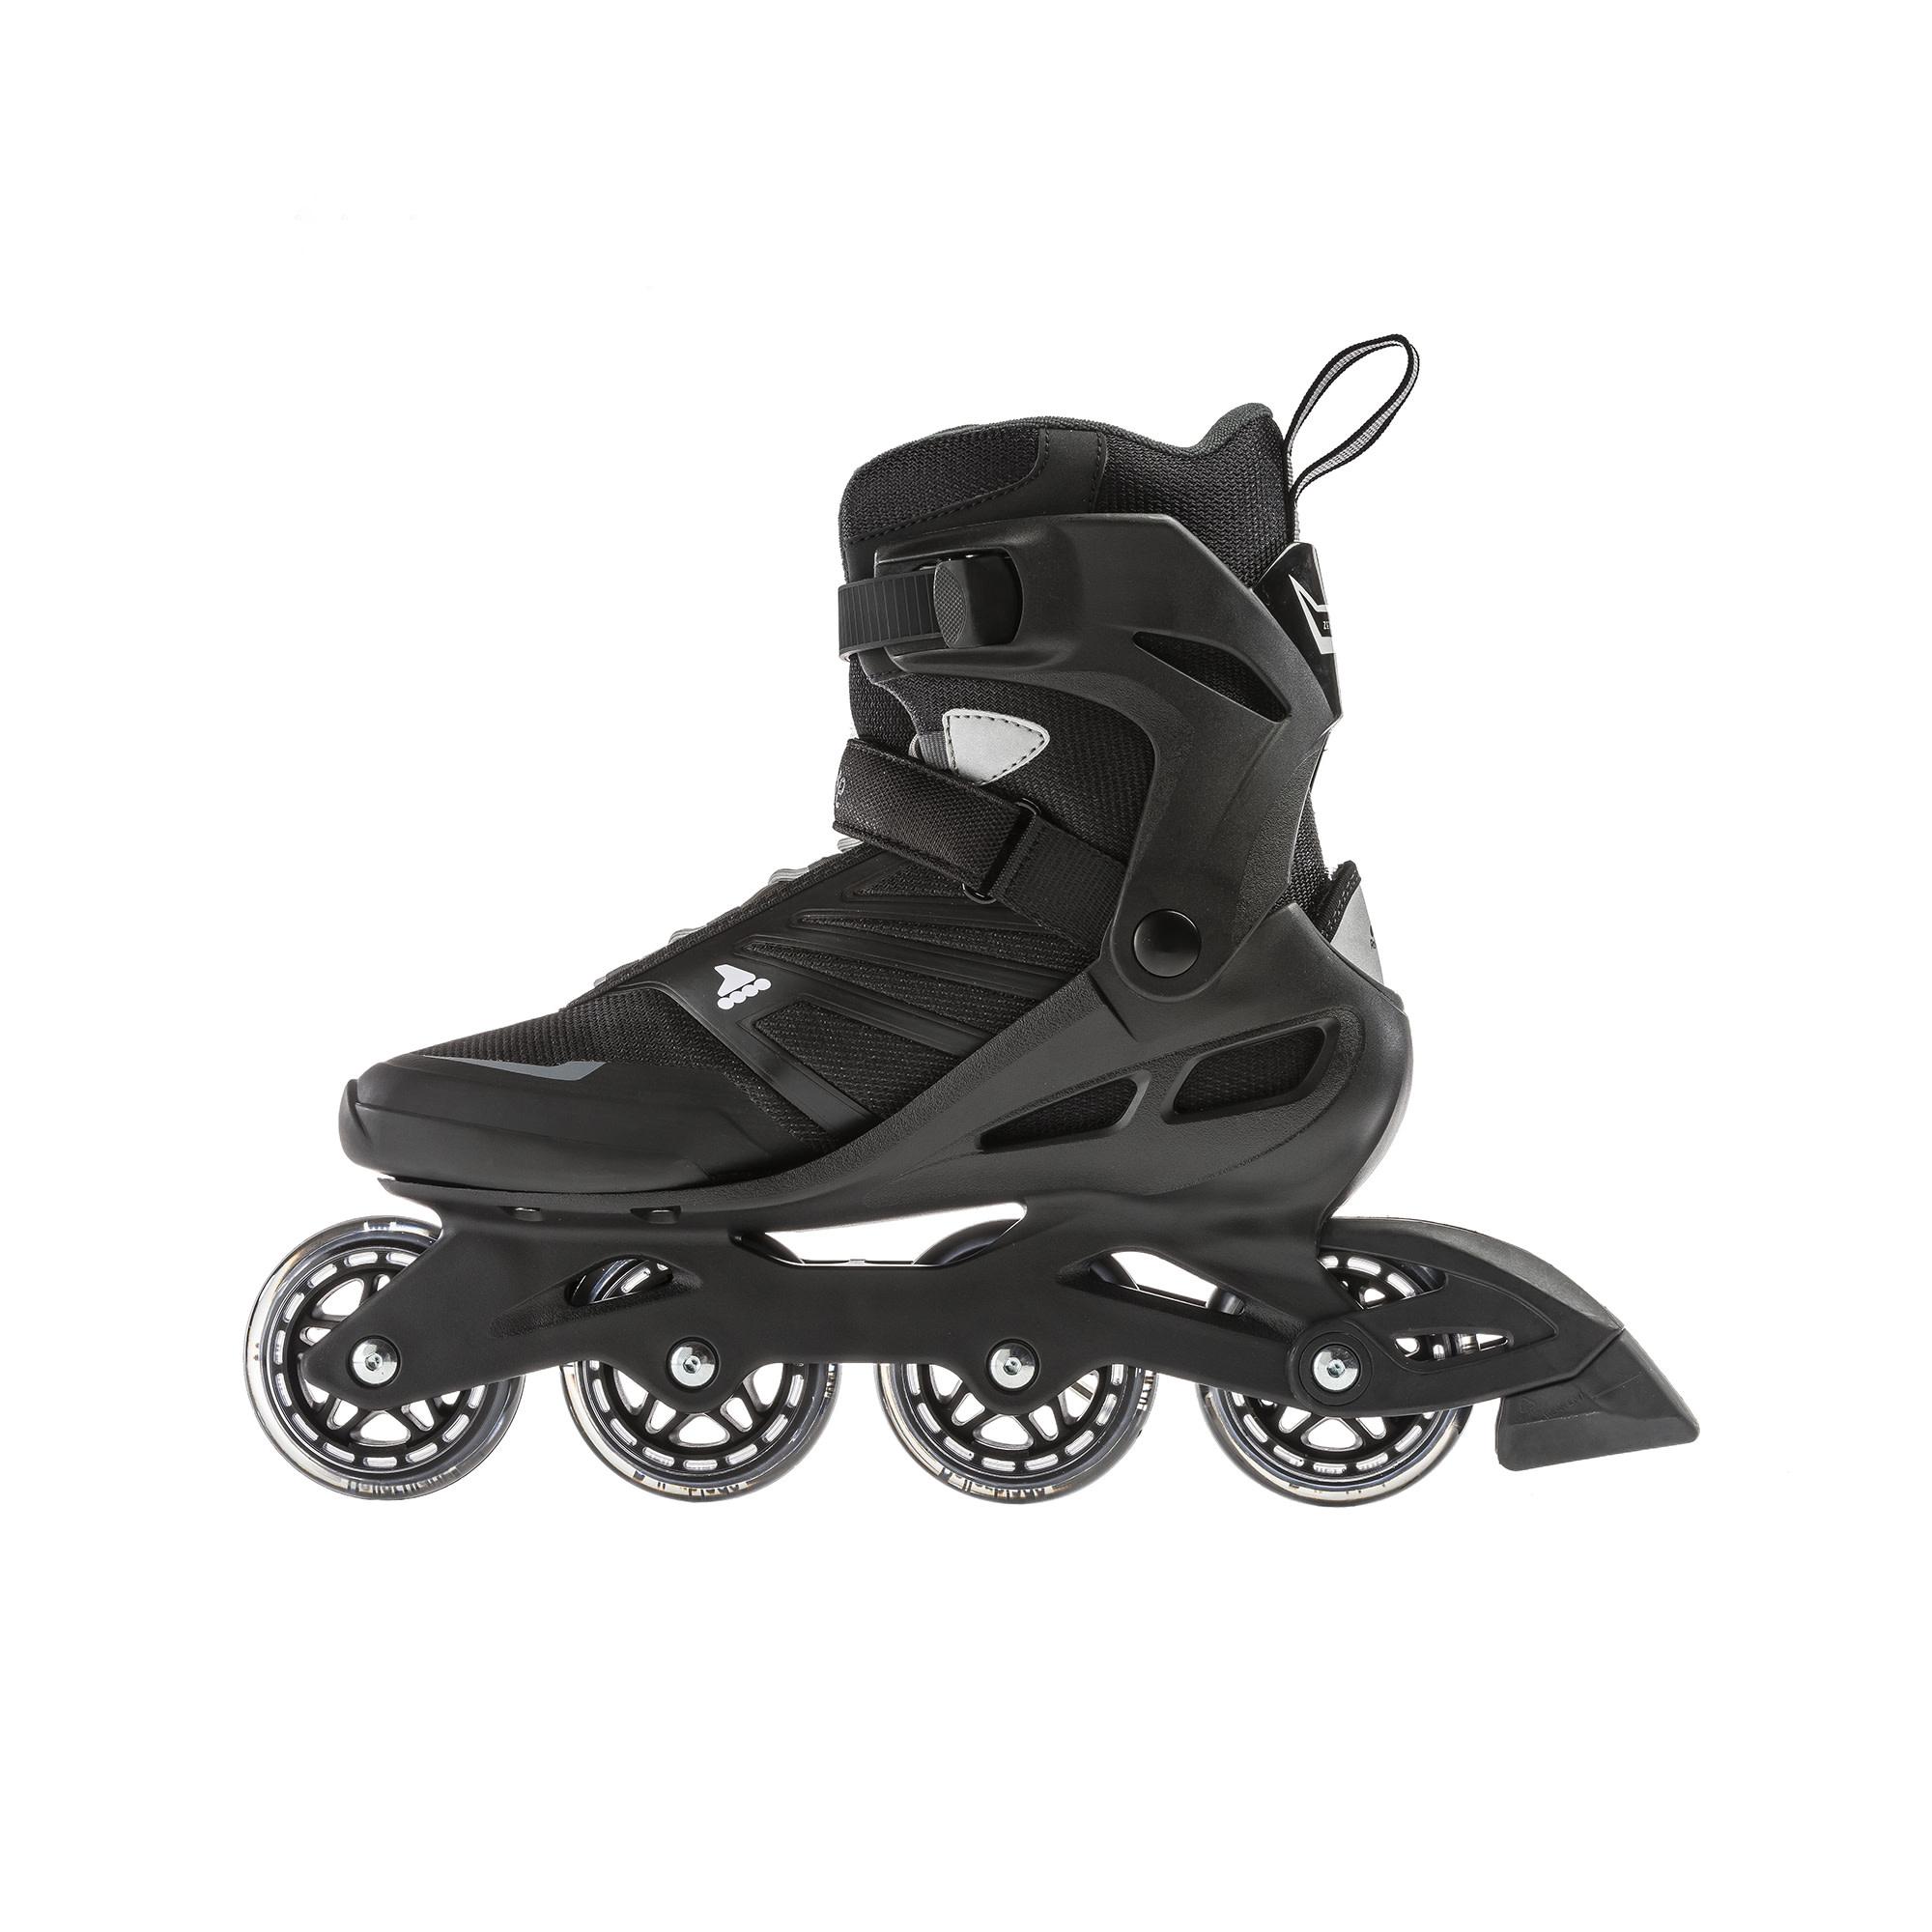 Rollerblade Zetrablade - Black/Silver